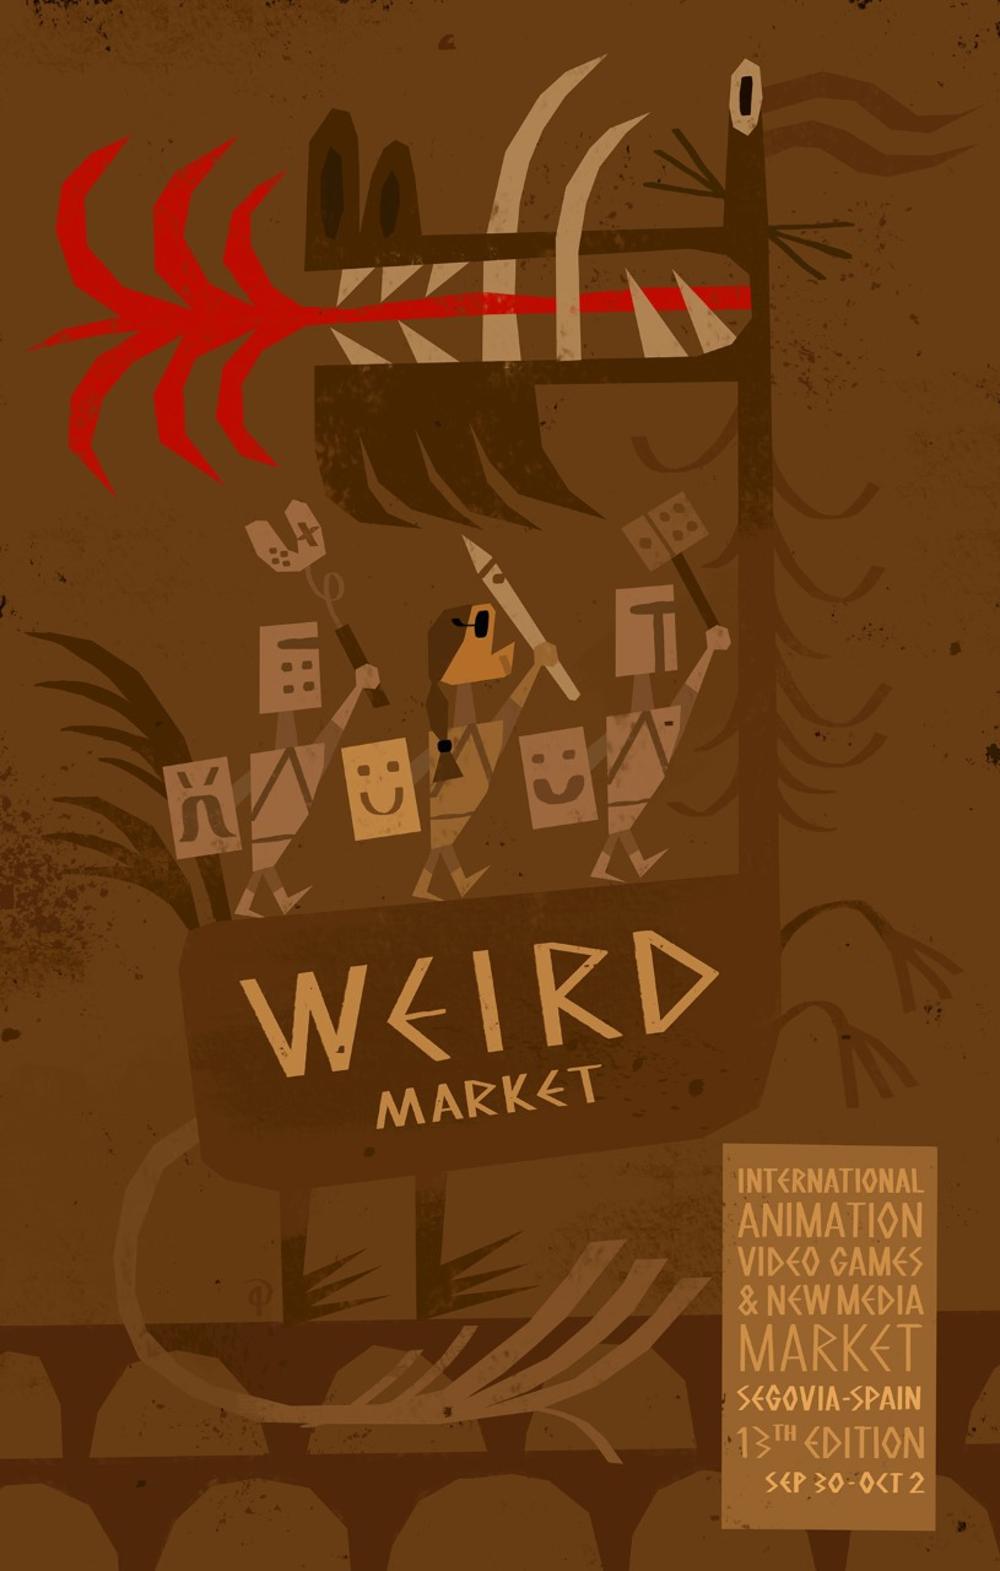 El cineasta Pablo Berger estará en el próximo Weird Market